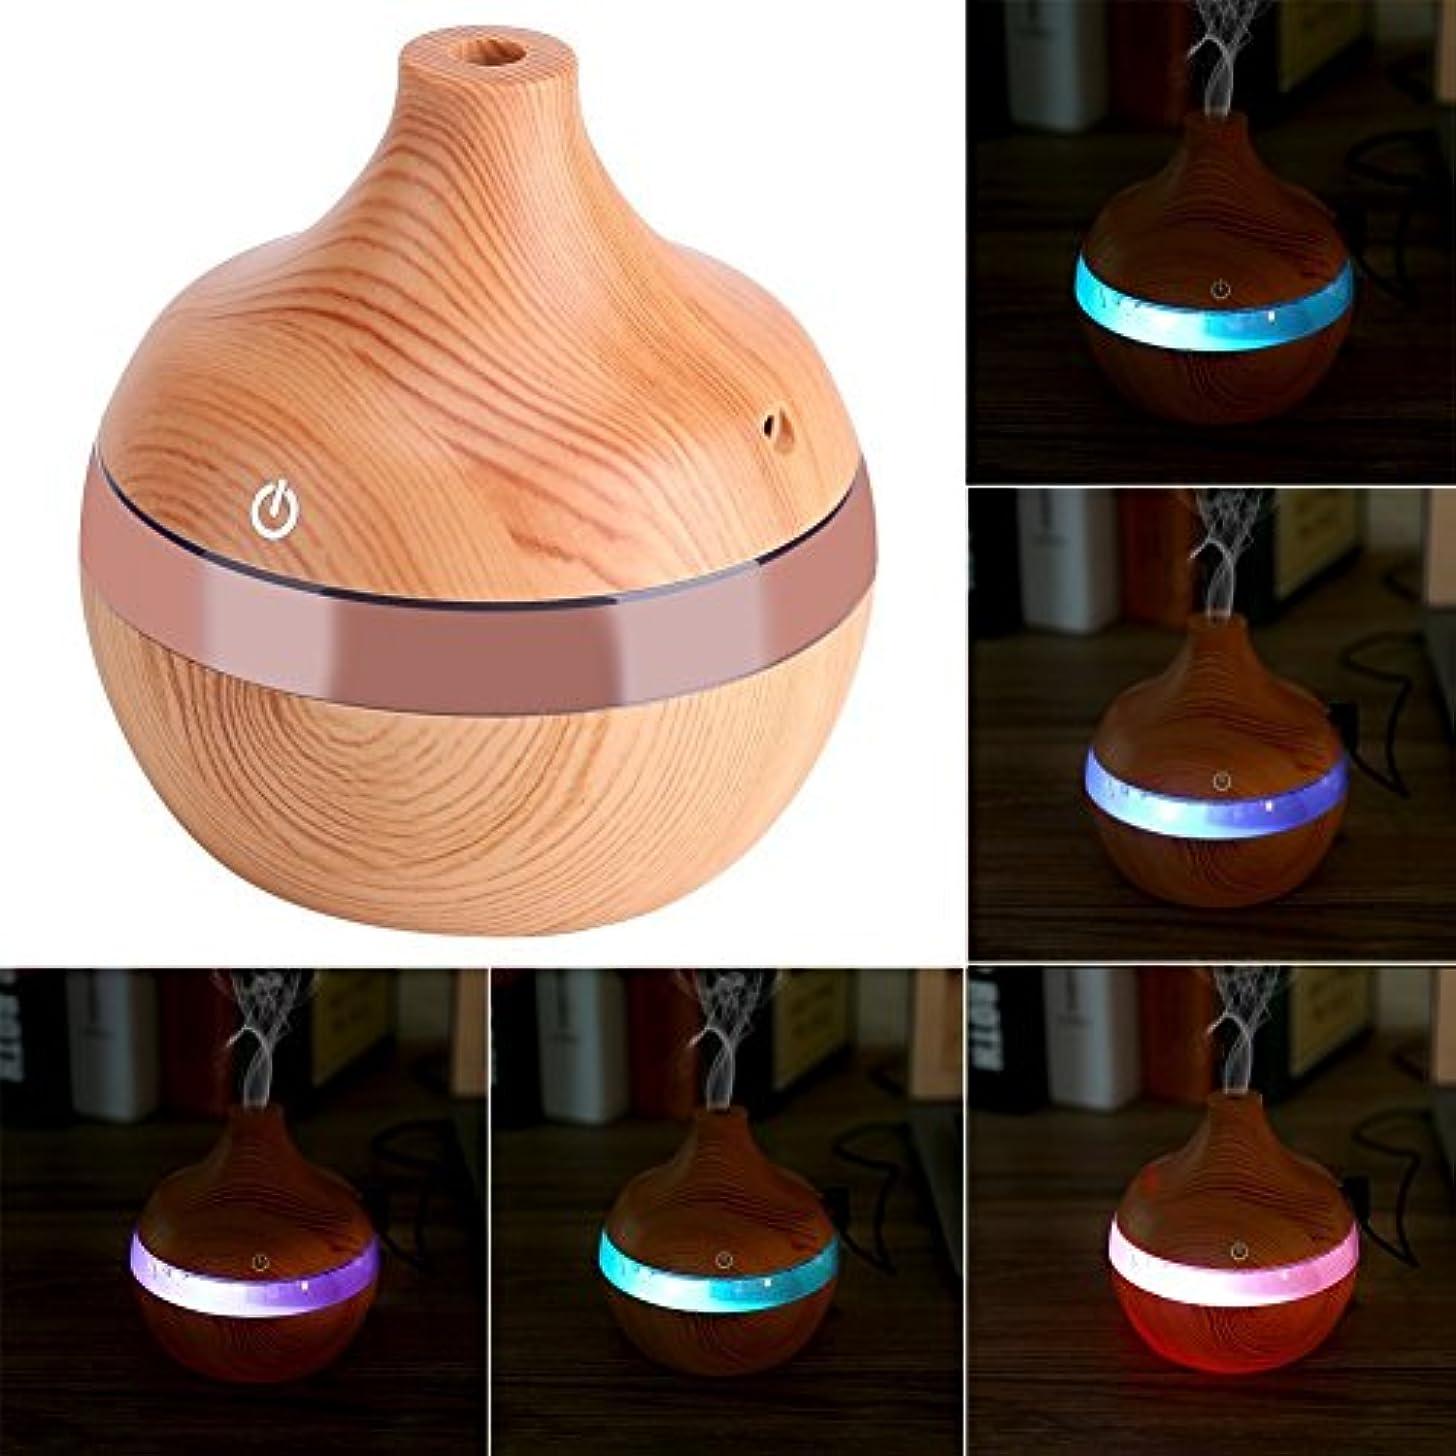 ユニークな同じクスクスアロマディフューザー - Delaman 卓上加湿器、木目調、7色変換